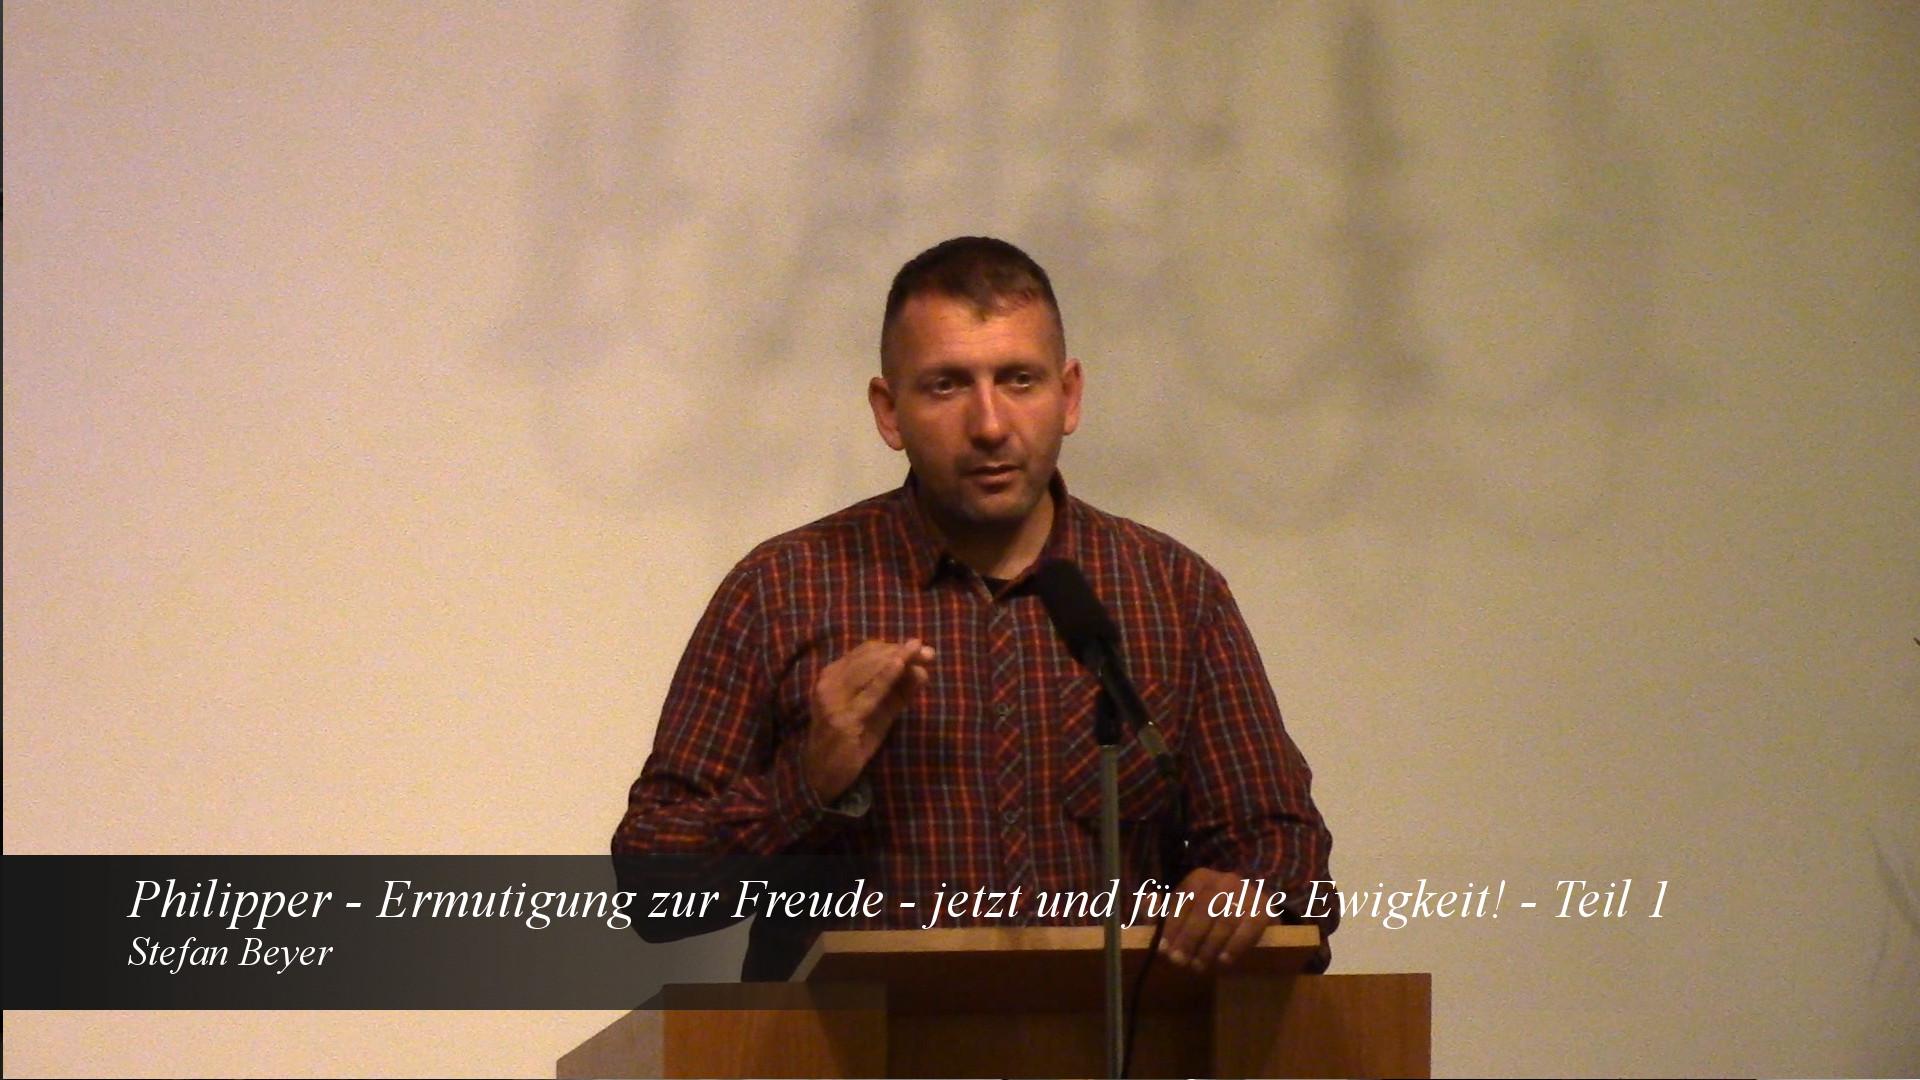 Philipper – Ermutigung zur Freude – jetzt und für alle Ewigkeit! Teil 1